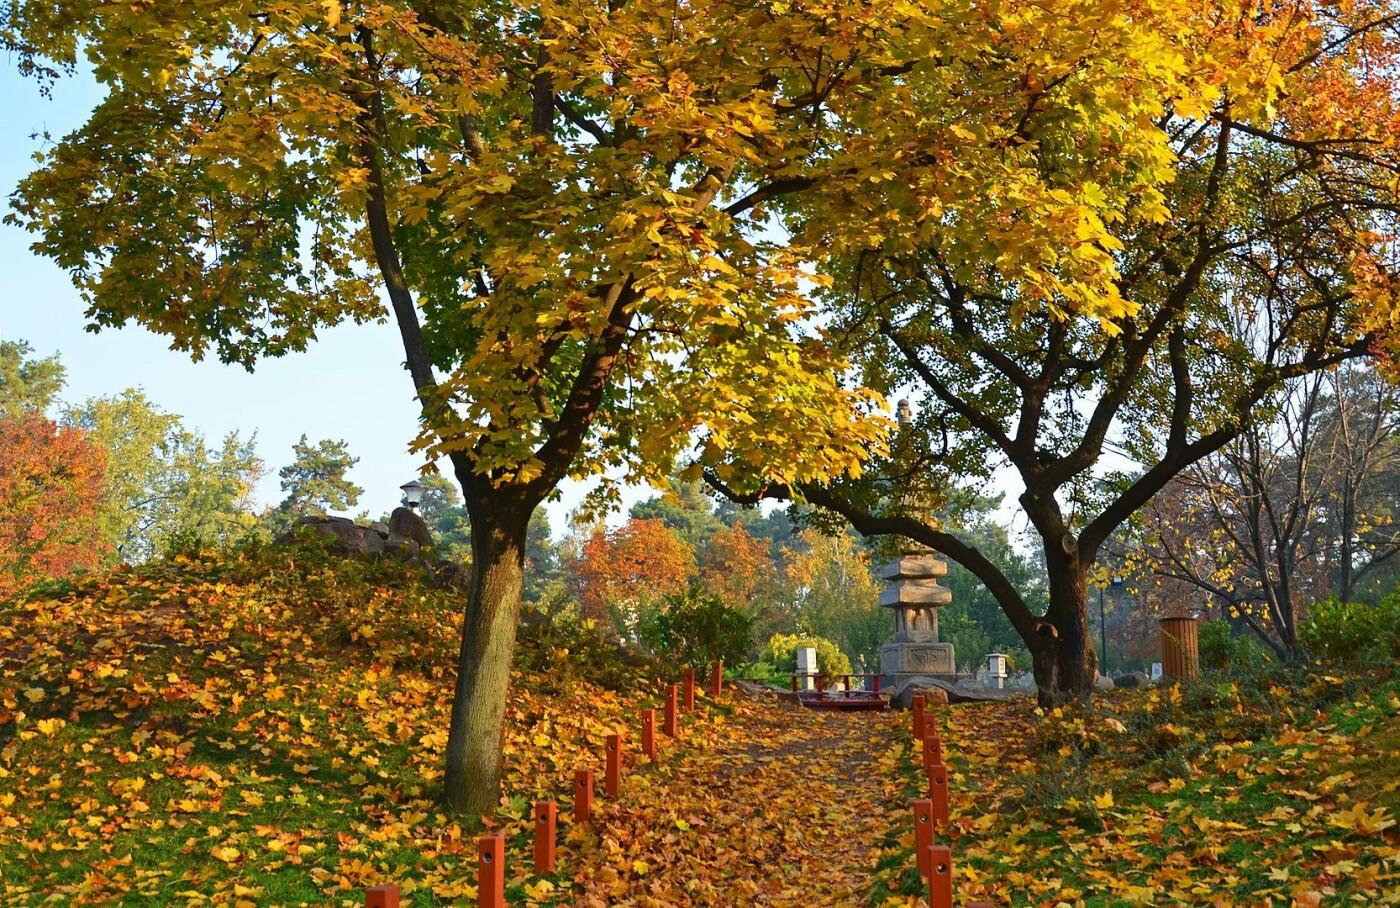 Цветущие сады японских сакур: парк «Киото» в Киеве и его уникальность, - ФОТО, Фото: Википедия